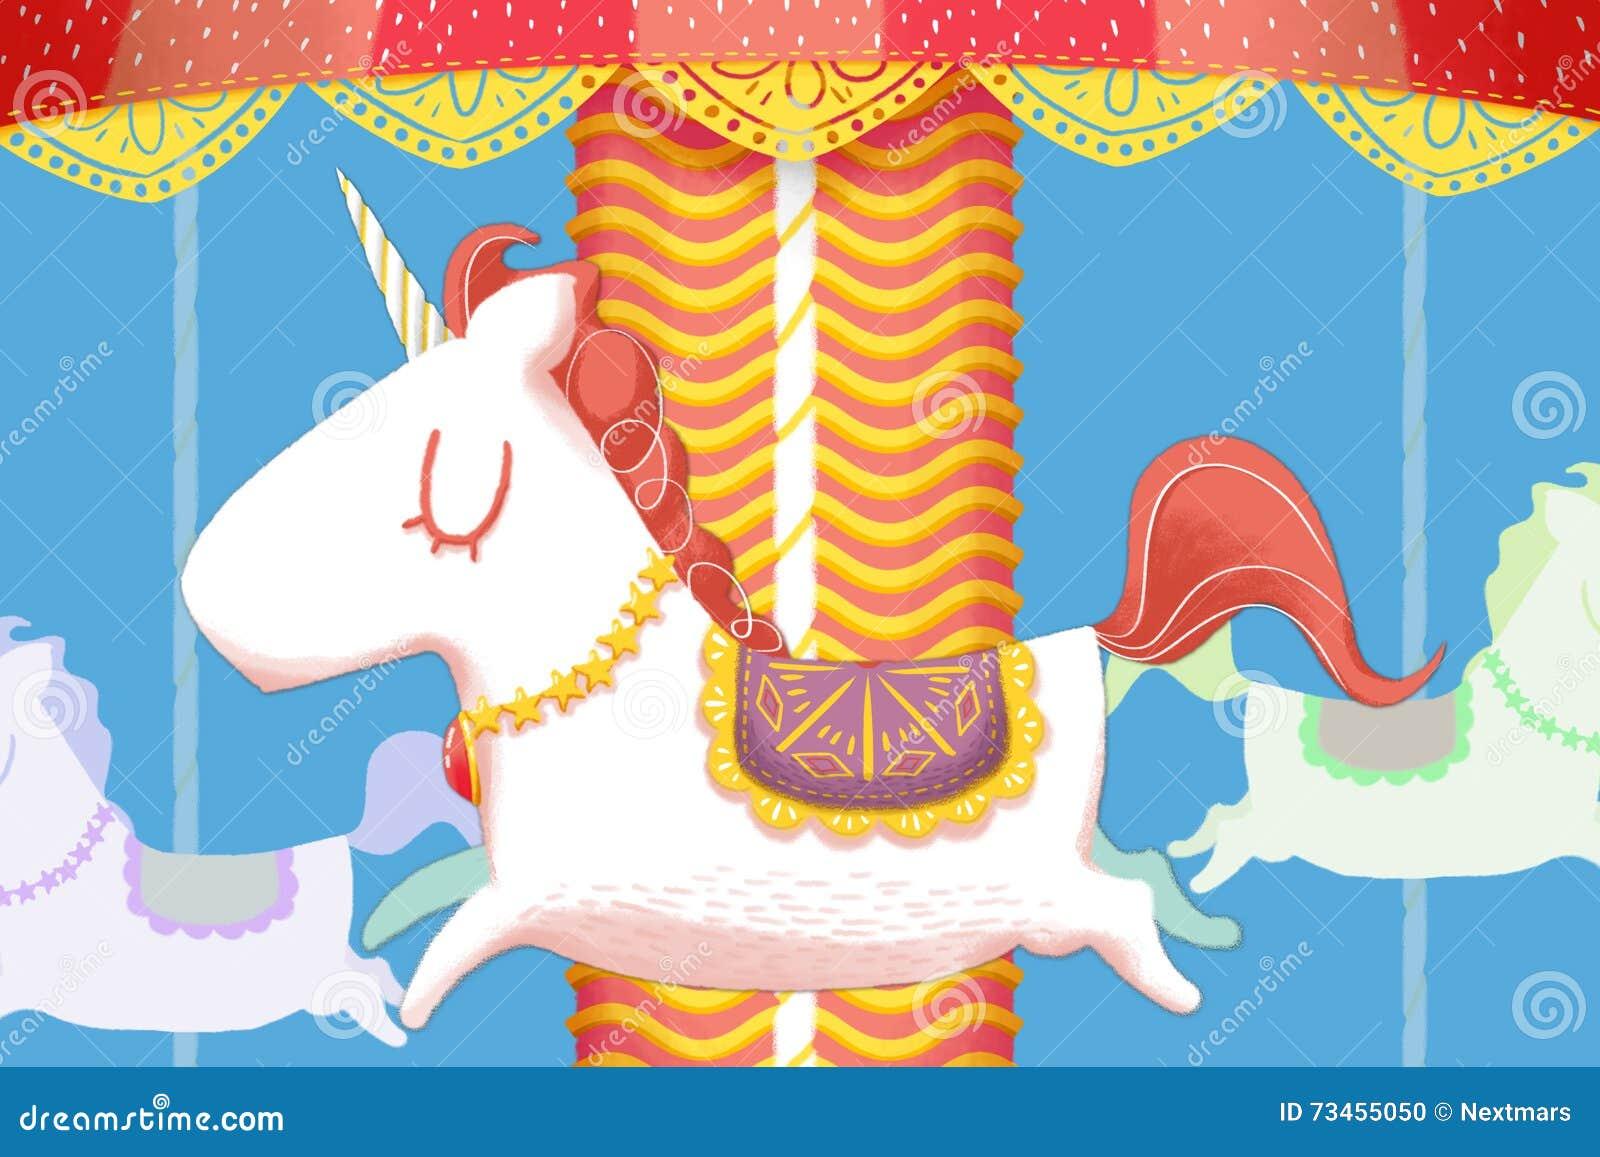 Δημιουργική απεικόνιση και καινοτόμος τέχνη: Ο μονόκερος εύθυμος πηγαίνει γύρω από τα ξύλινα άλογα